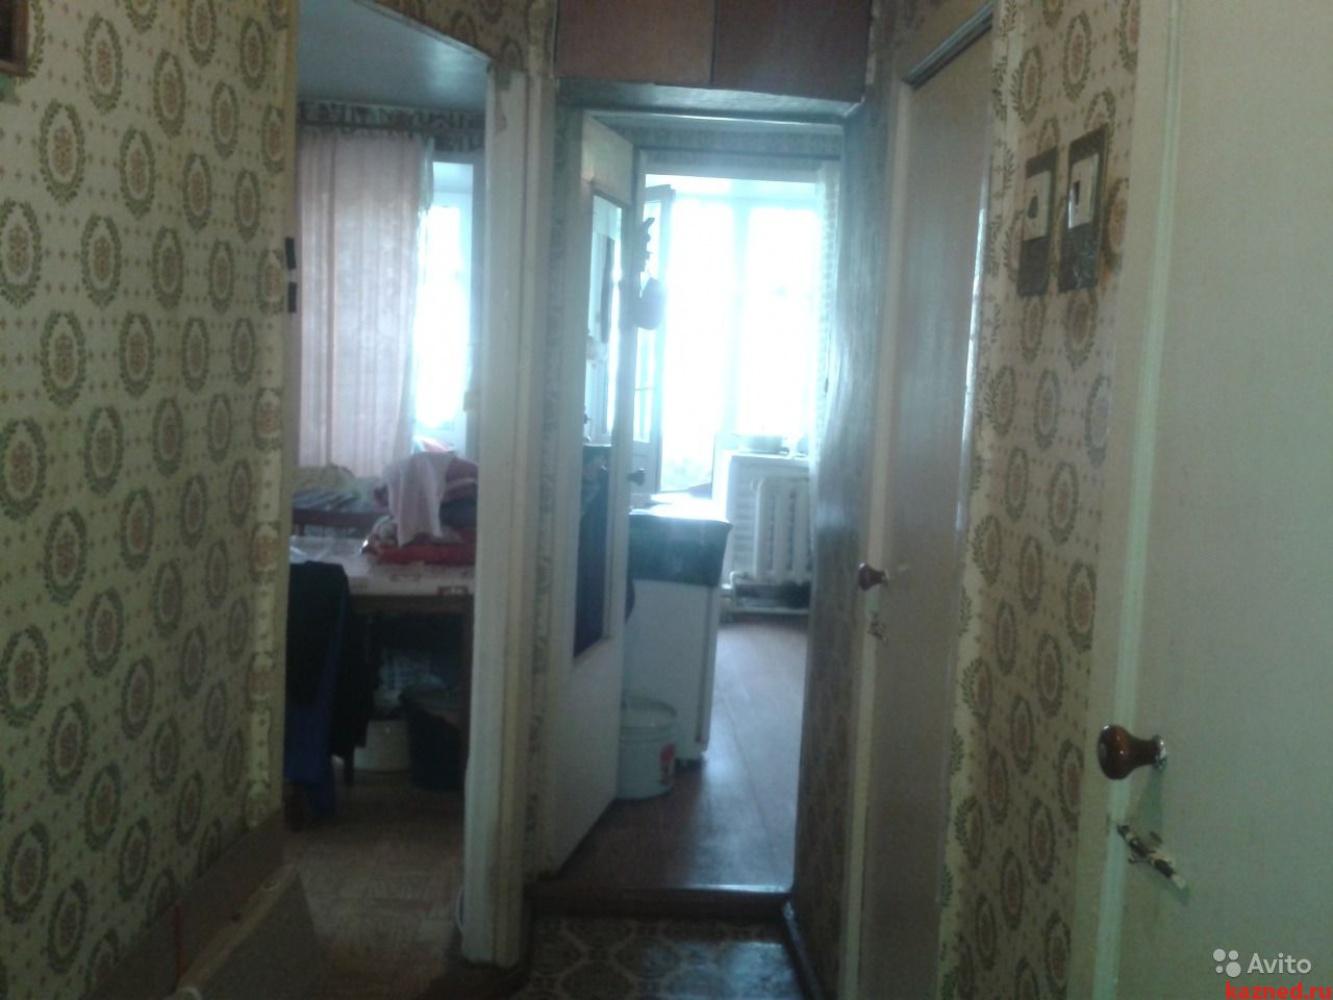 Продажа 1-к квартиры Новая, 7, 37 м²  (миниатюра №20)